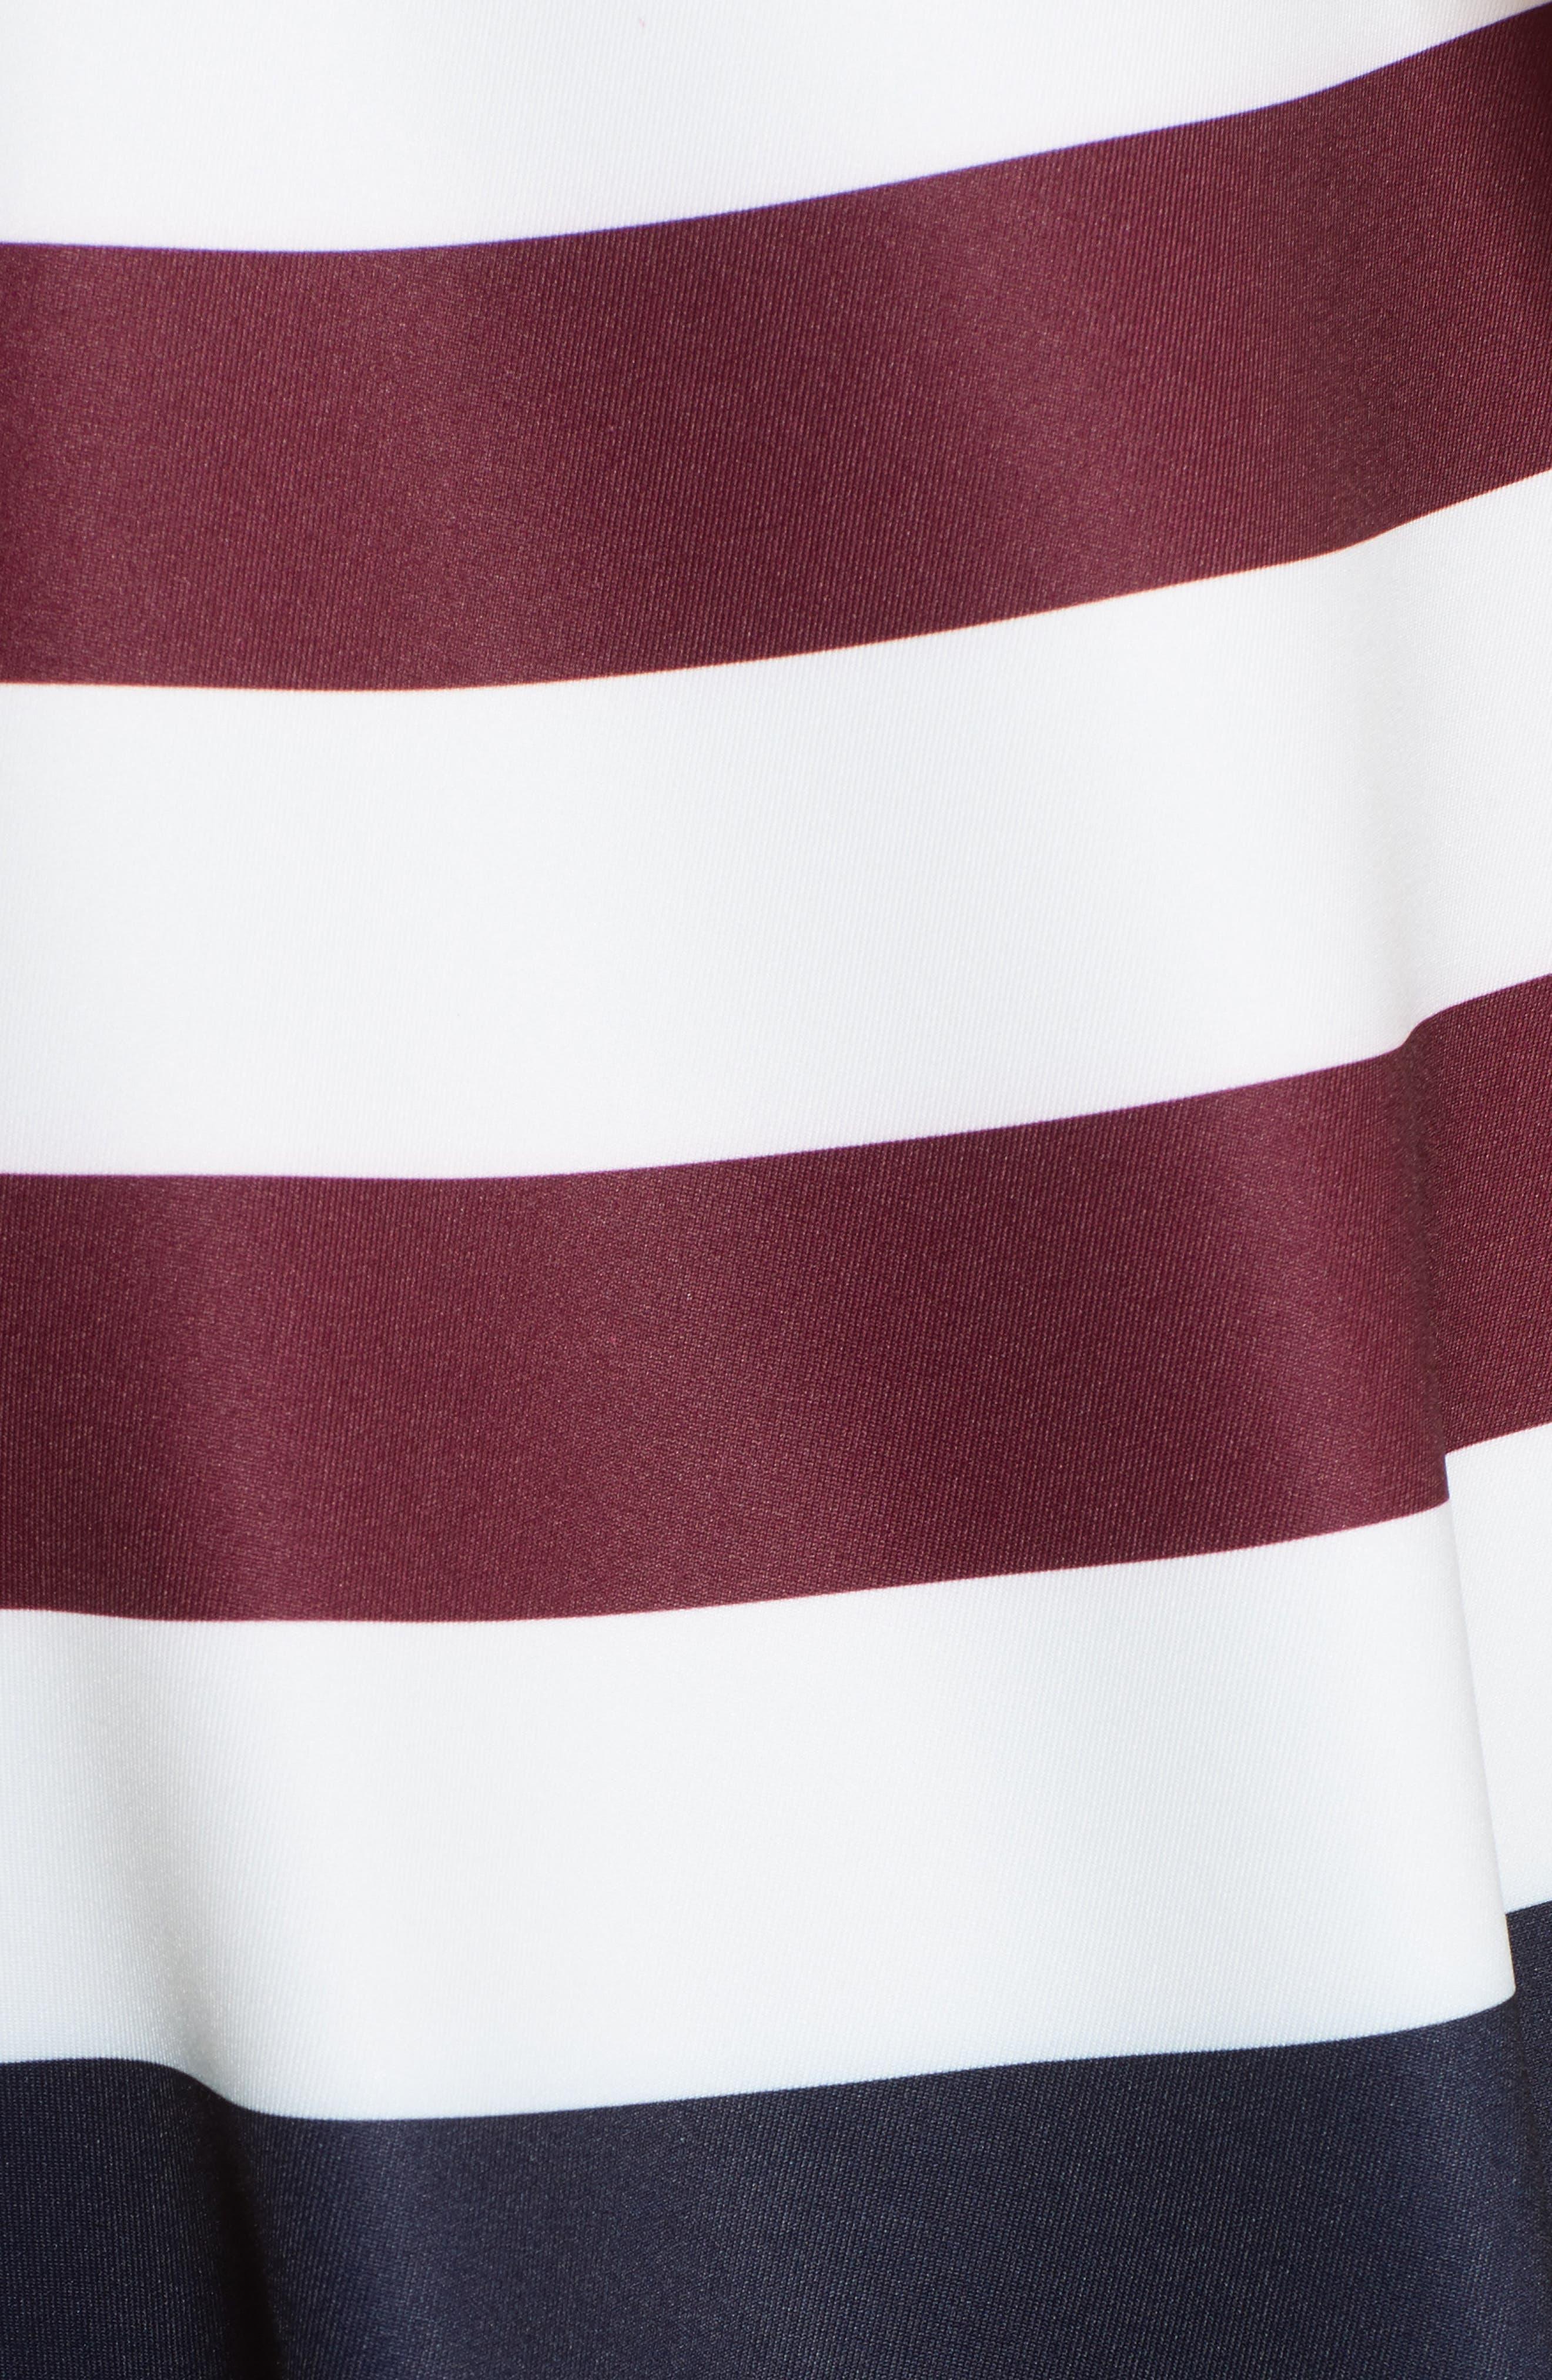 Rowing Stripe Skater Dress,                             Alternate thumbnail 5, color,                             410